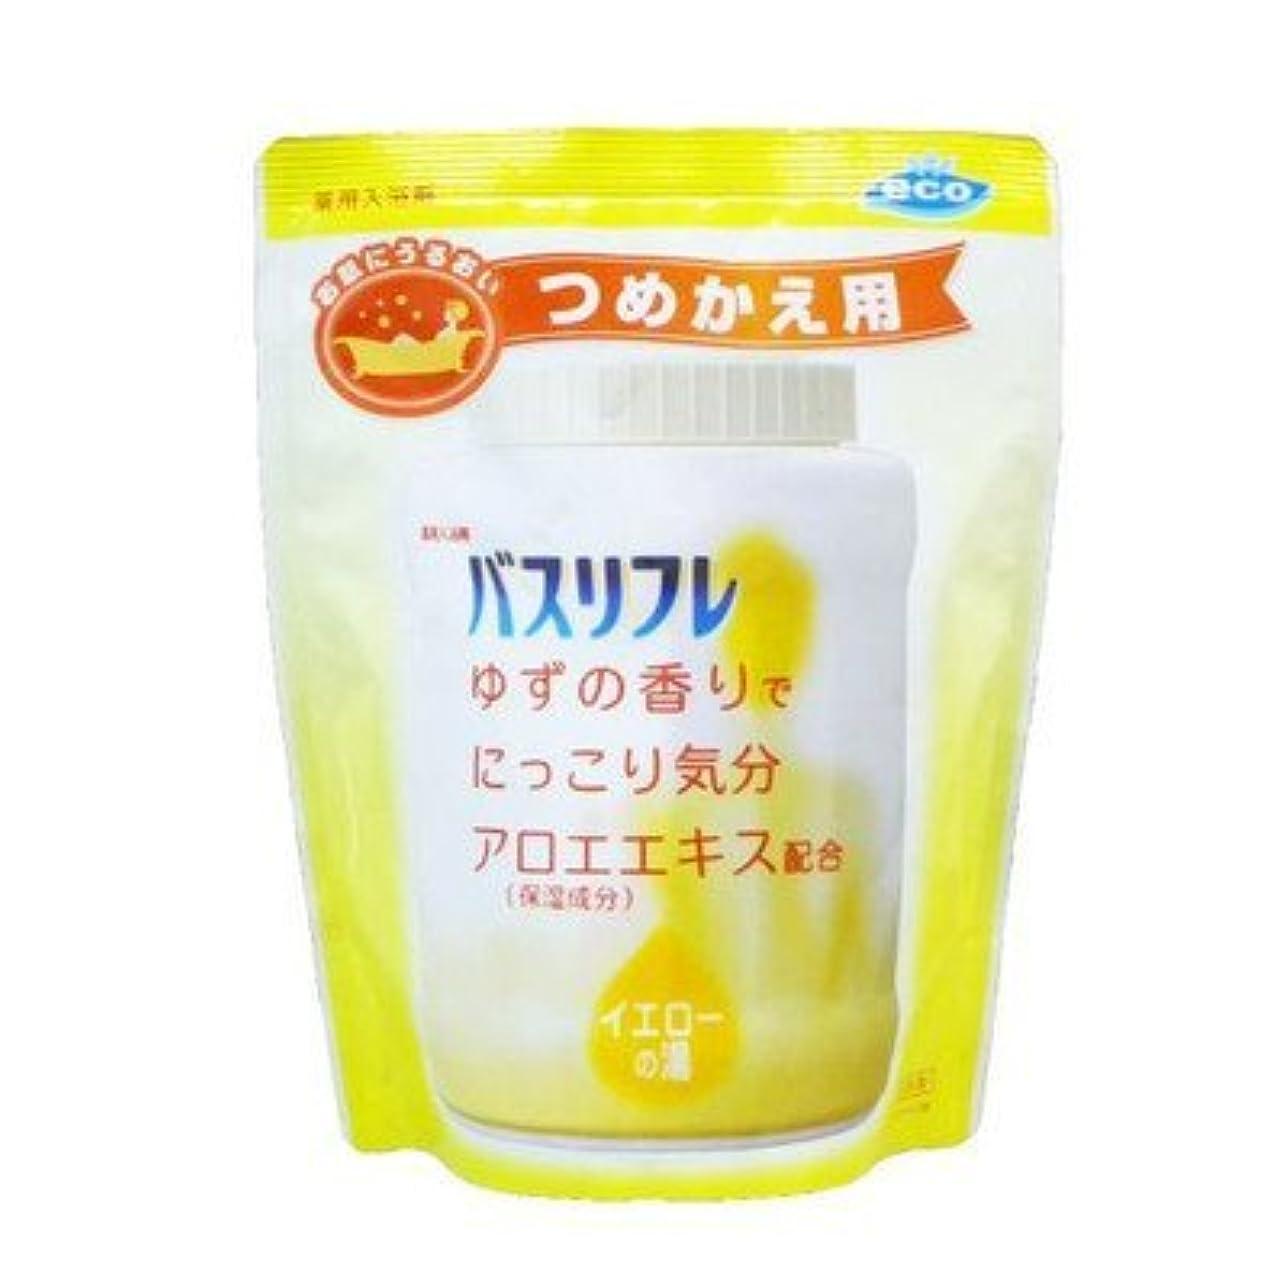 薬用入浴剤 バスリフレ イエローの湯 つめかえ用 540g ゆずの香り (ライオンケミカル) Japan